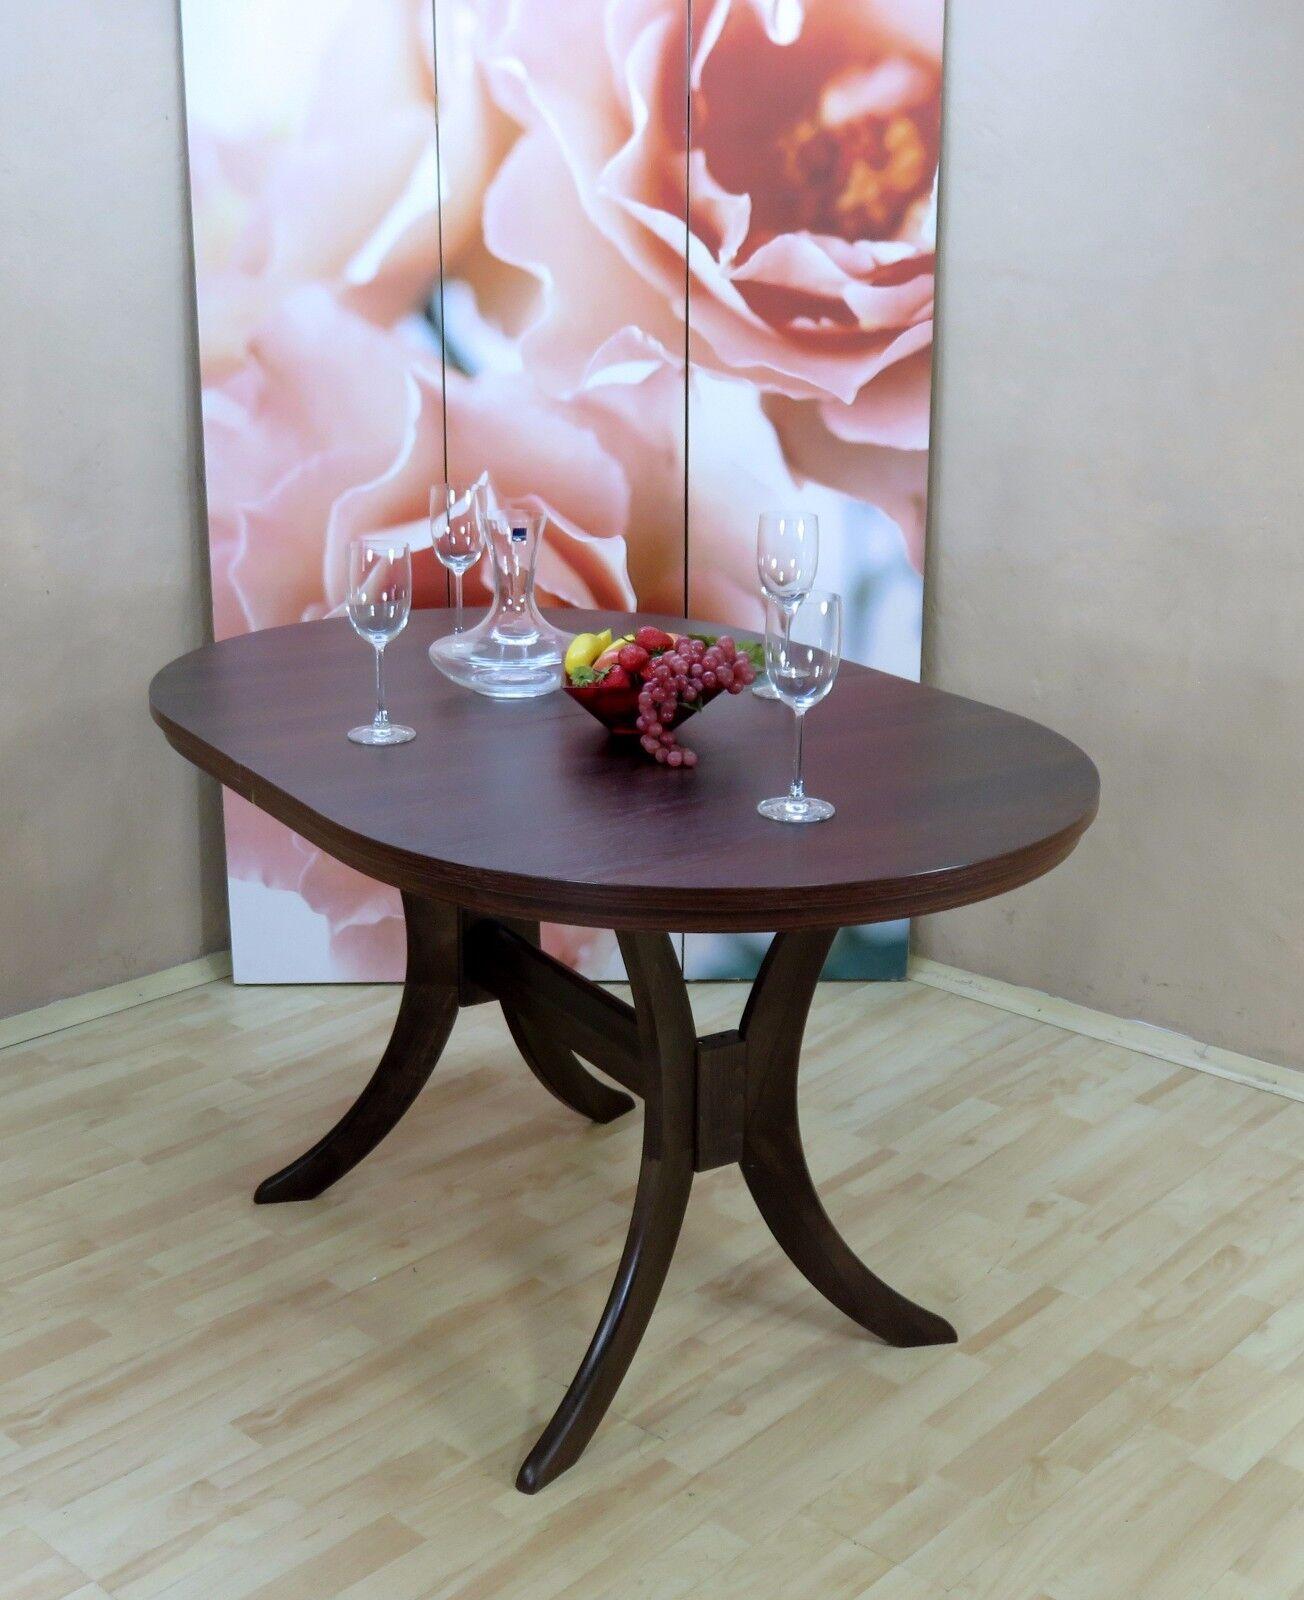 Auszugtisch Einlegplatte Nussbaum Massivholz Oval Esstisch